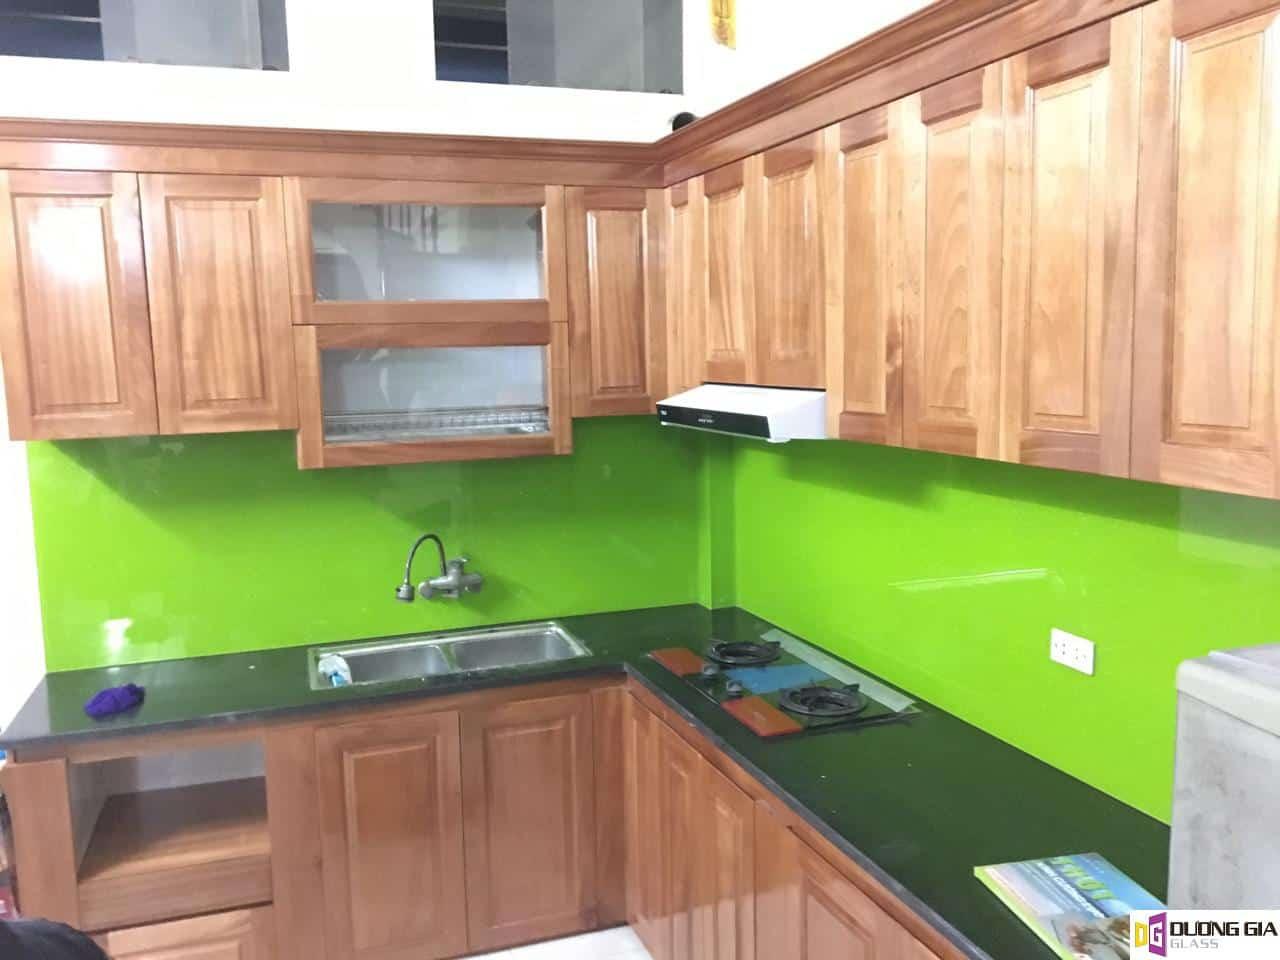 Kính ốp bếp màu xanh non mẫu 5